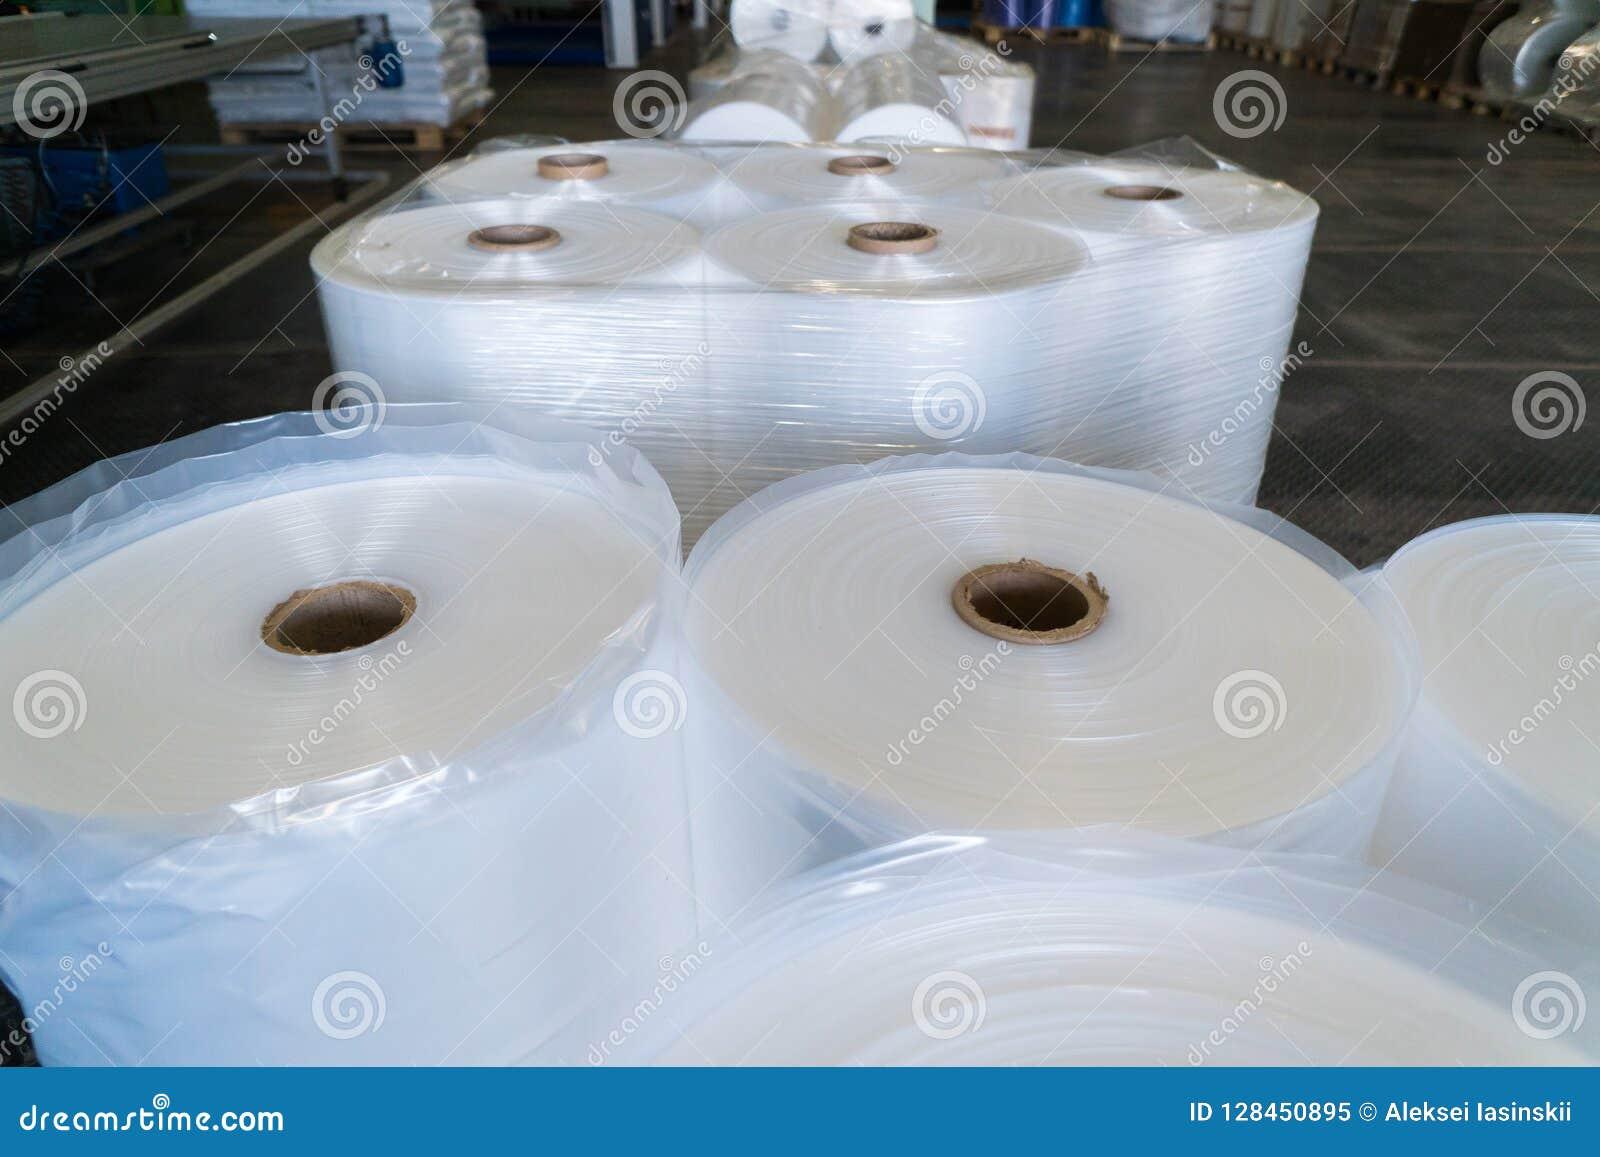 Rolls de film de polyéthylène ou de polypropylène dans un entrepôt